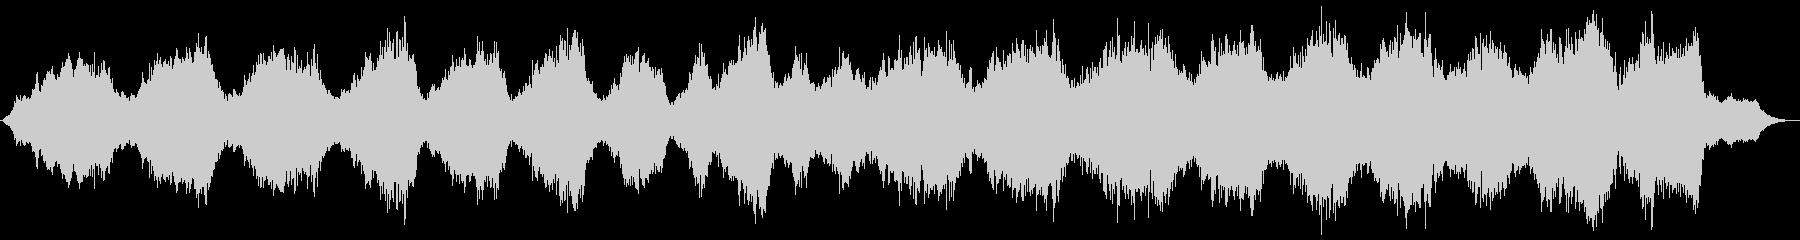 室内楽 モダン 交響曲 広い 壮大...の未再生の波形